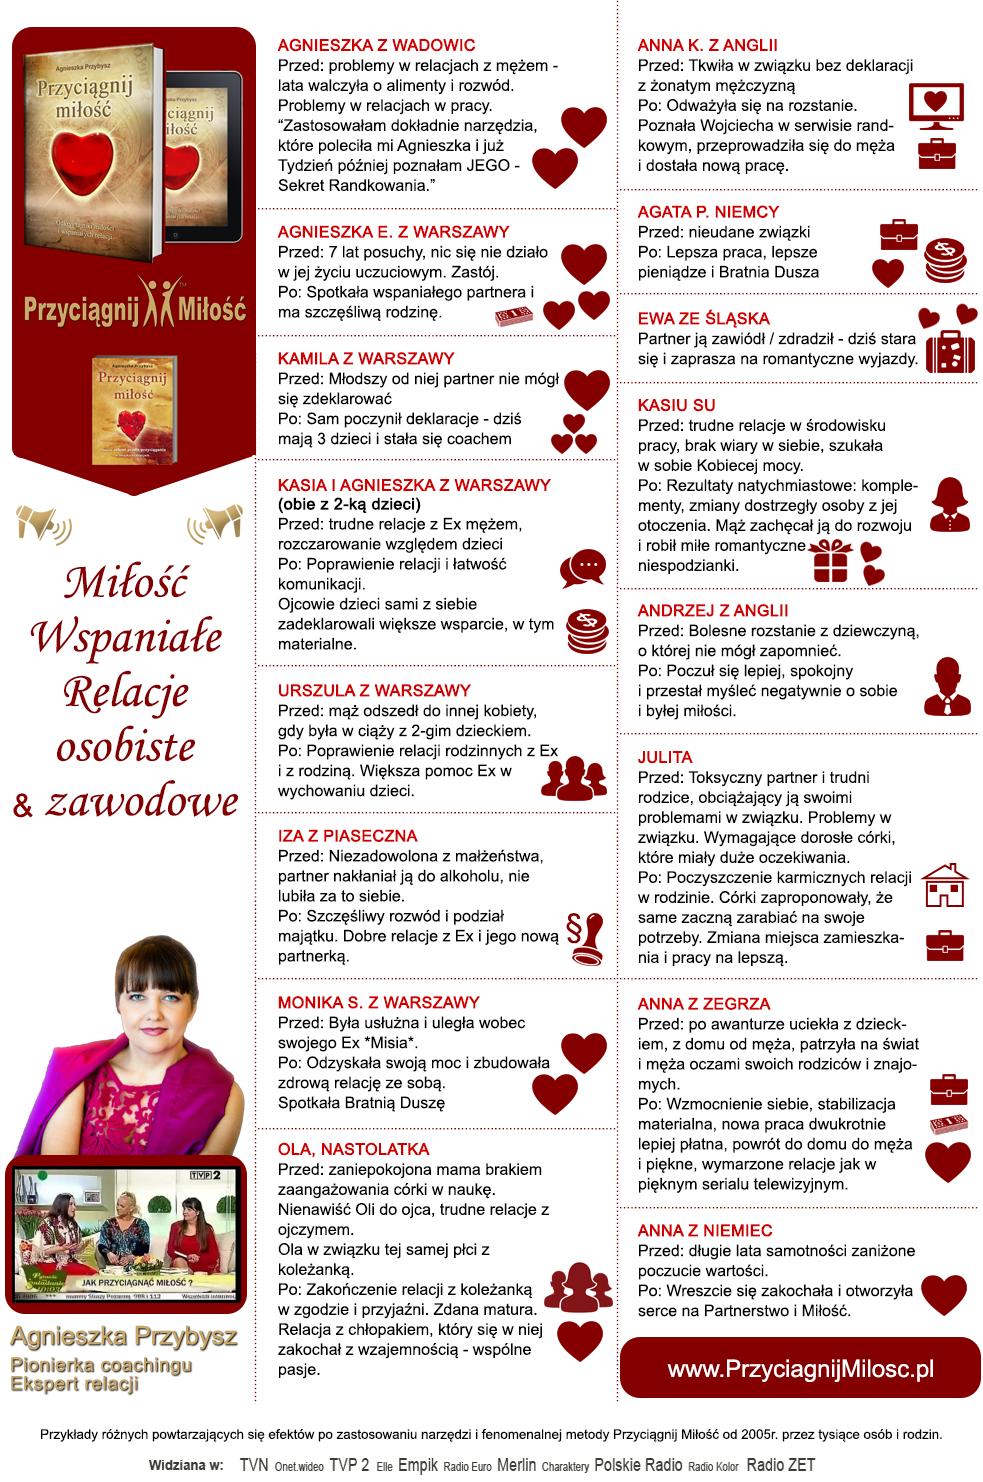 opinie-przyciagnij-milosc-efekty-warsztat-coaching-program-dla-kobiet